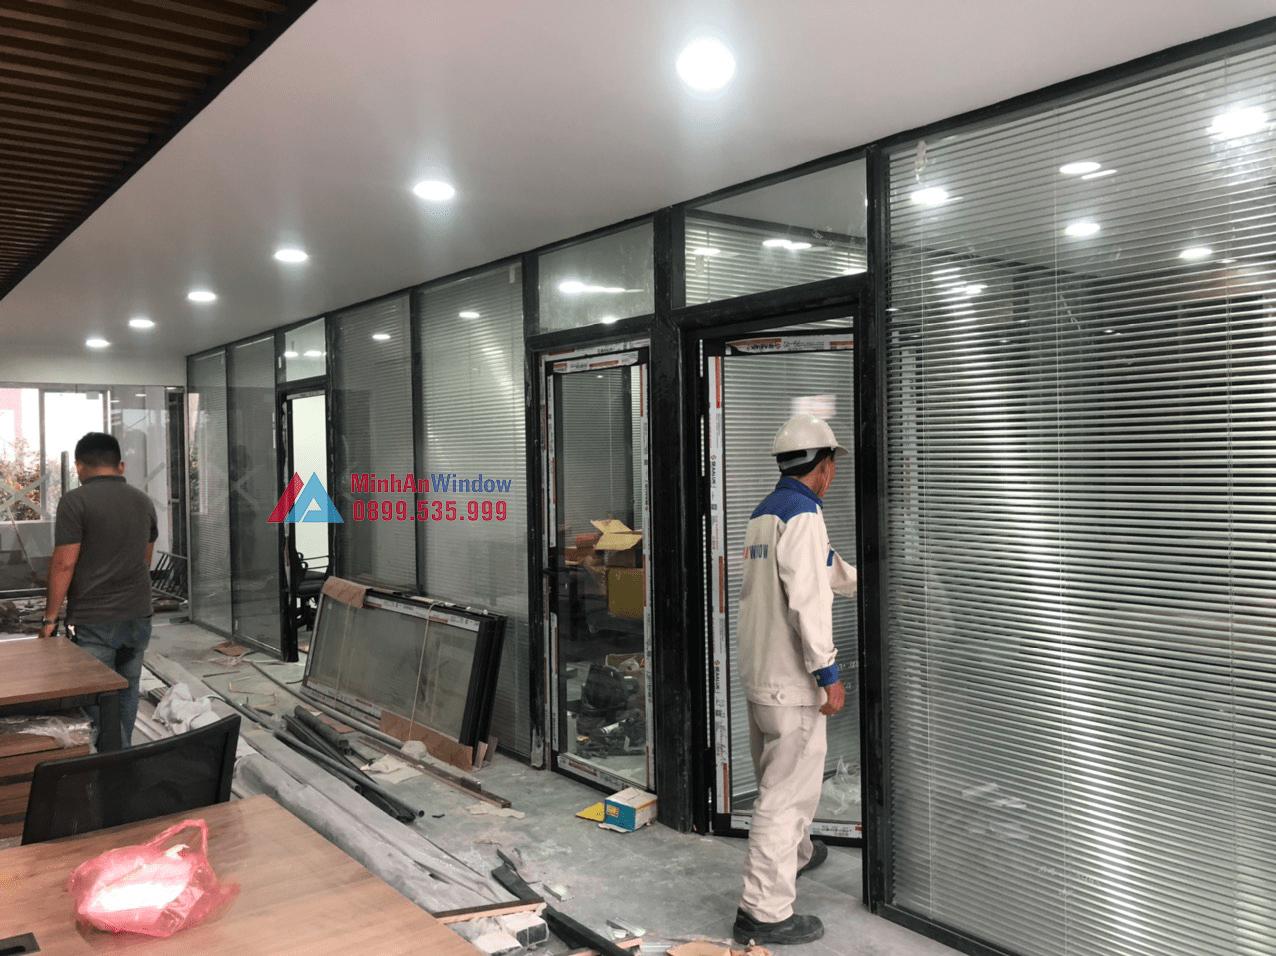 Mẫu cửa nhôm kính tại Ứng Hoà do Minh An Window lắp đặt